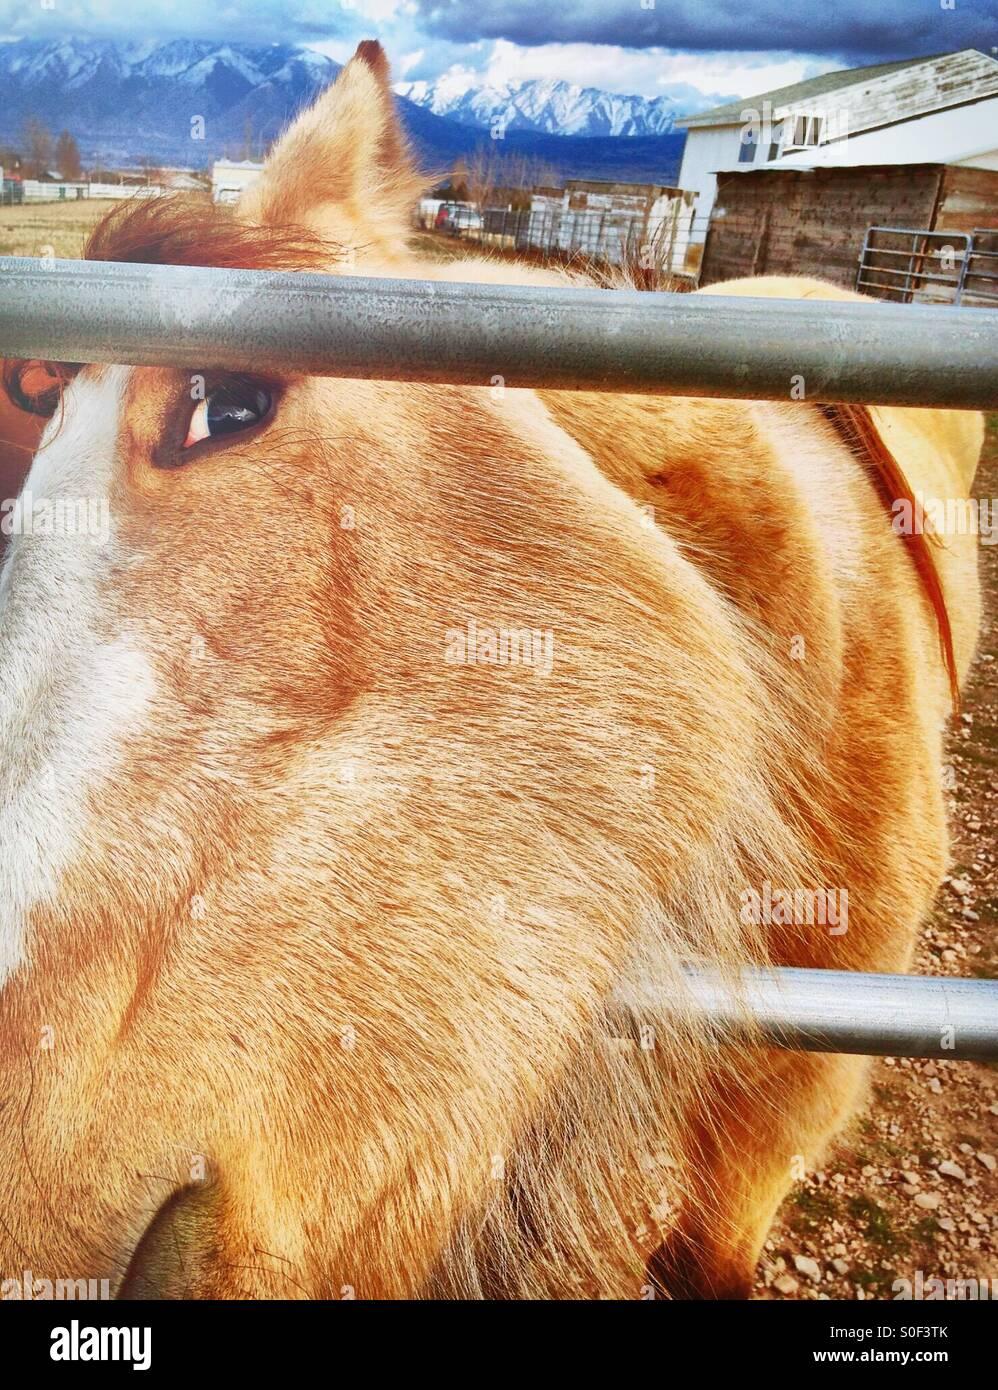 A obtenu les carottes? Un cheval curieux colle sa tête par une clôture dans l'espoir d'obtenir Photo Stock